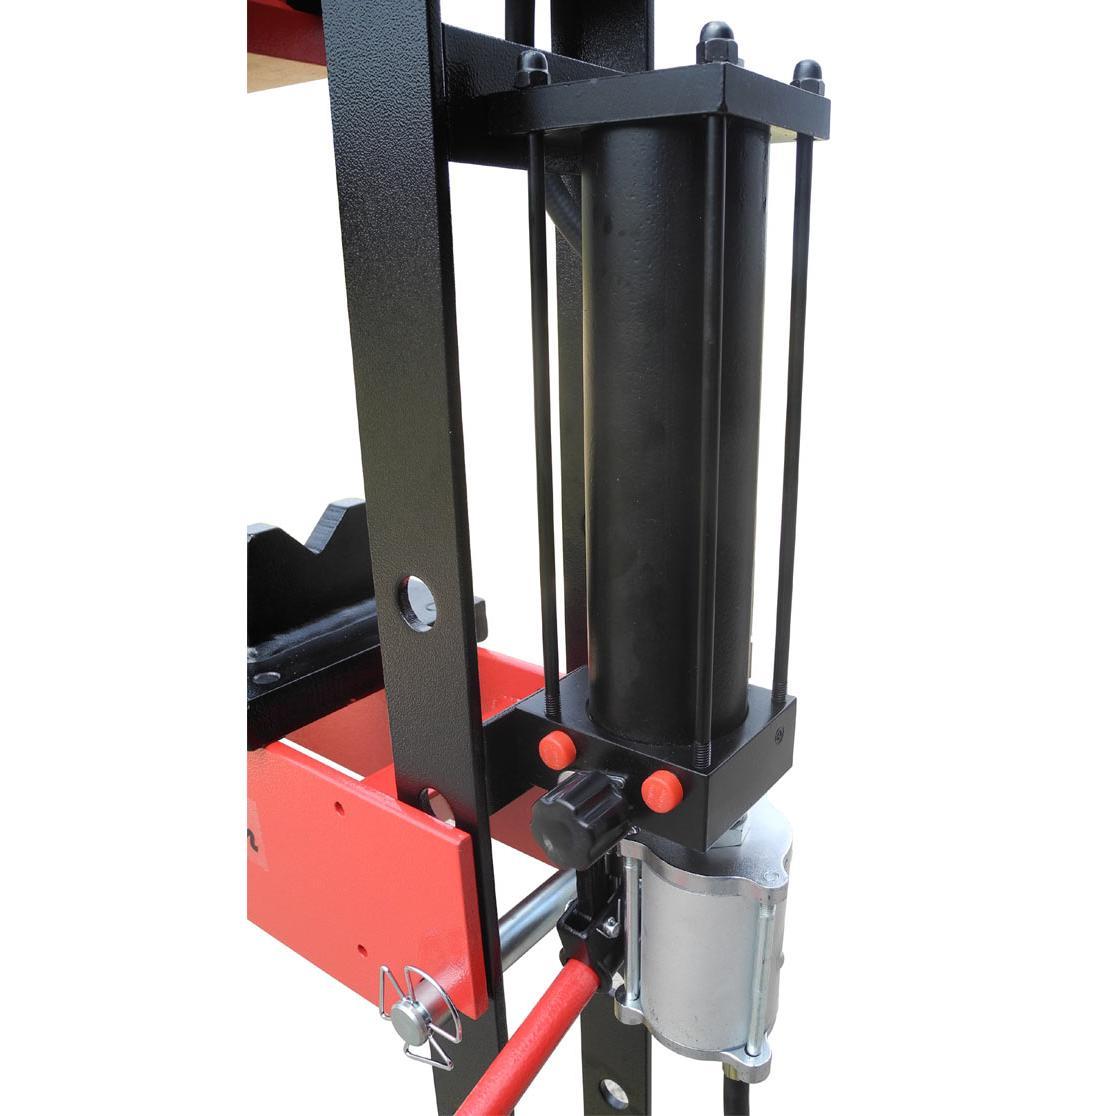 Redline 20 Ton Air Hydraulic Heavy Duty Shop Press